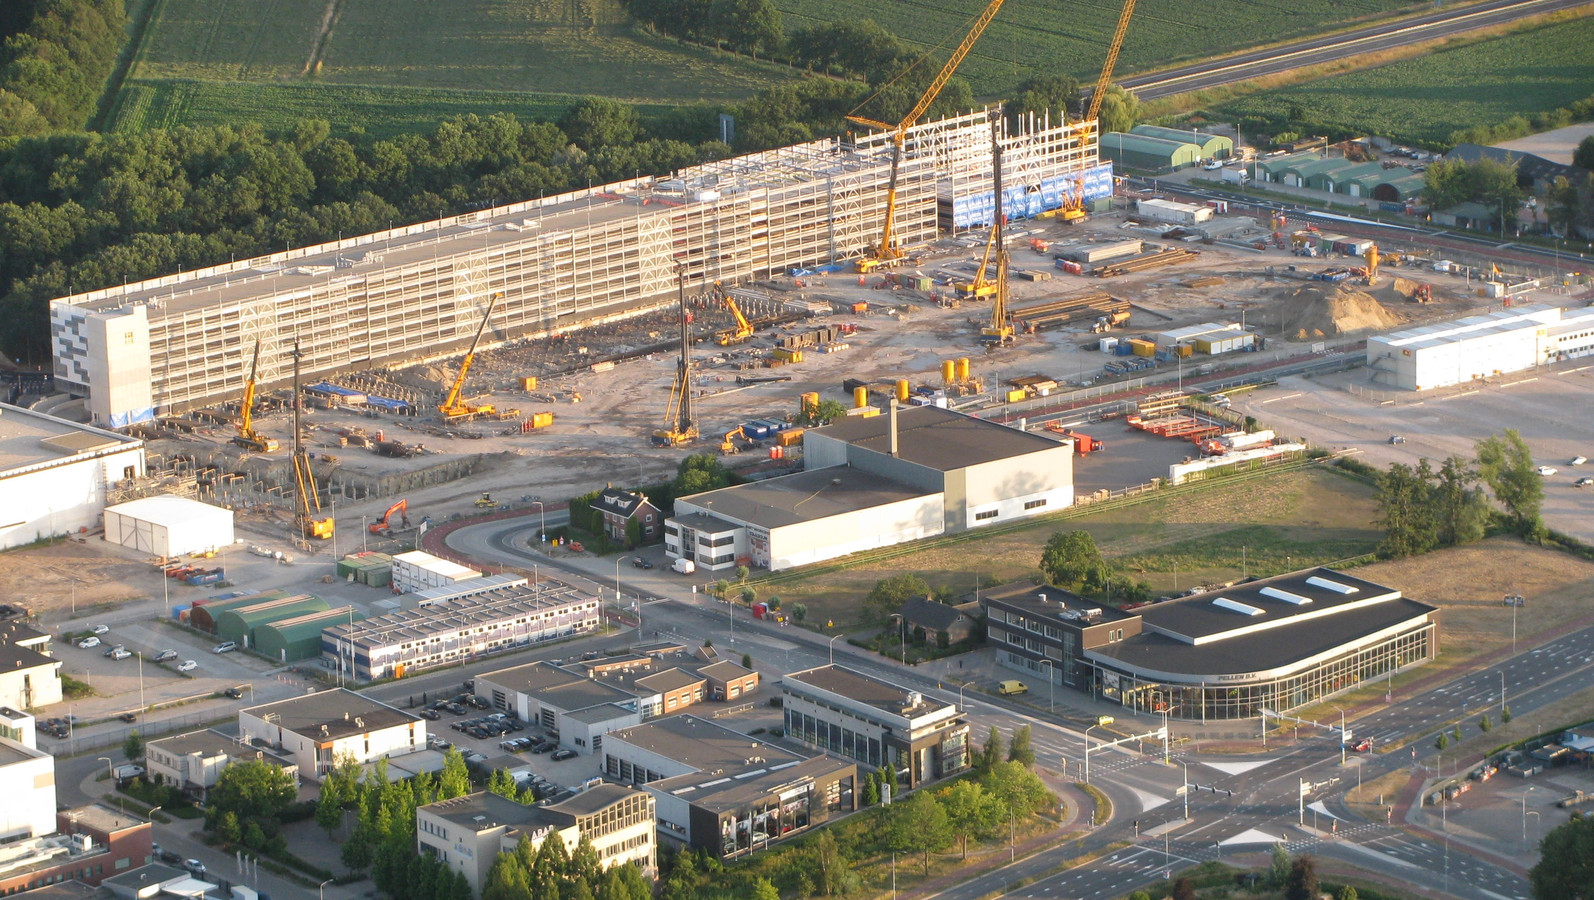 De bouwput van ASML, vanuit de lucht gezien.